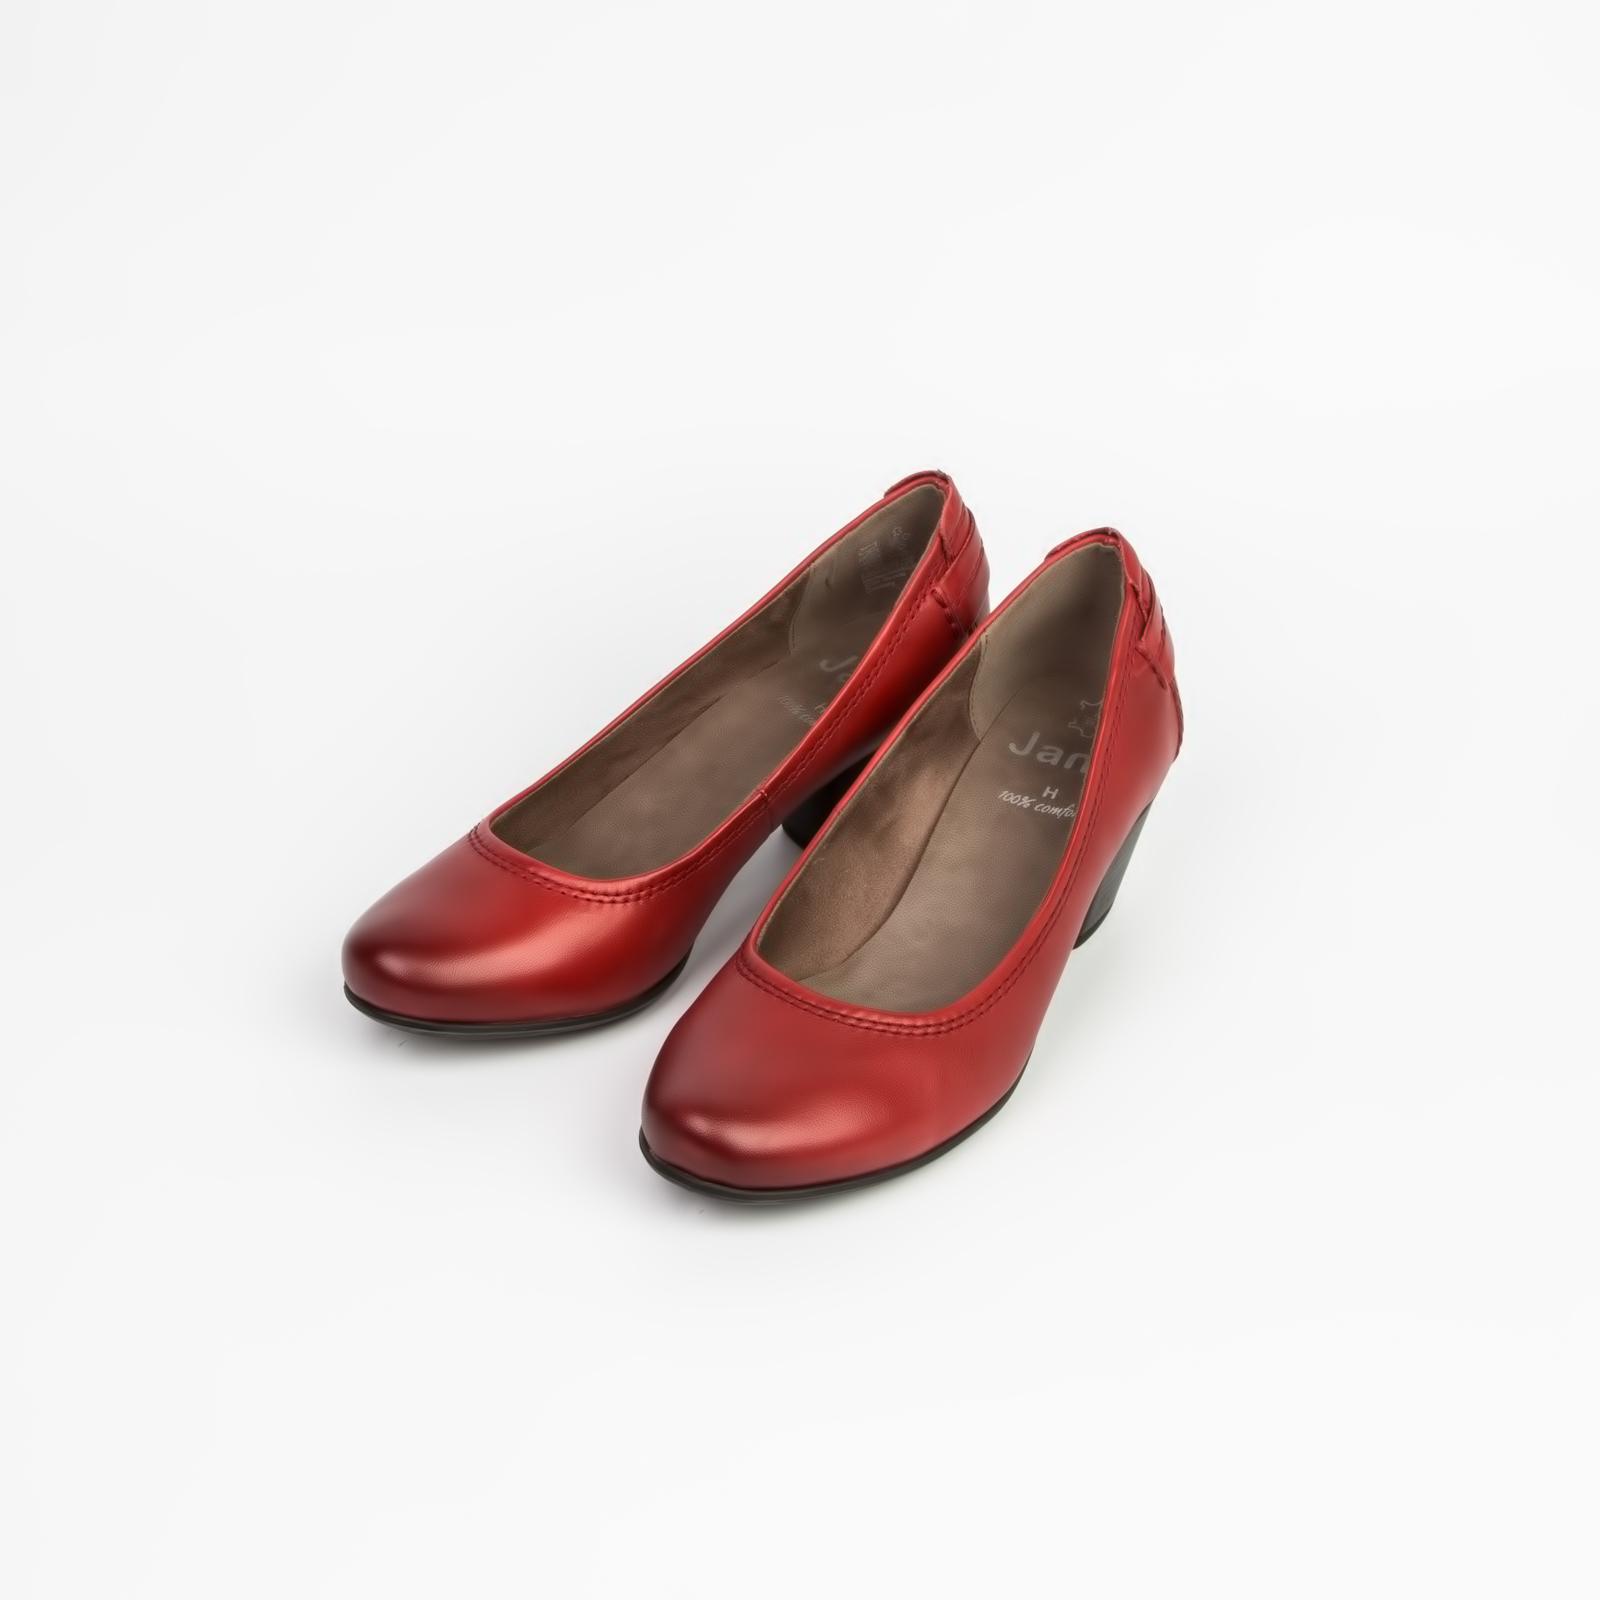 Туфли женские из натуральной кожи на удобном каблуке